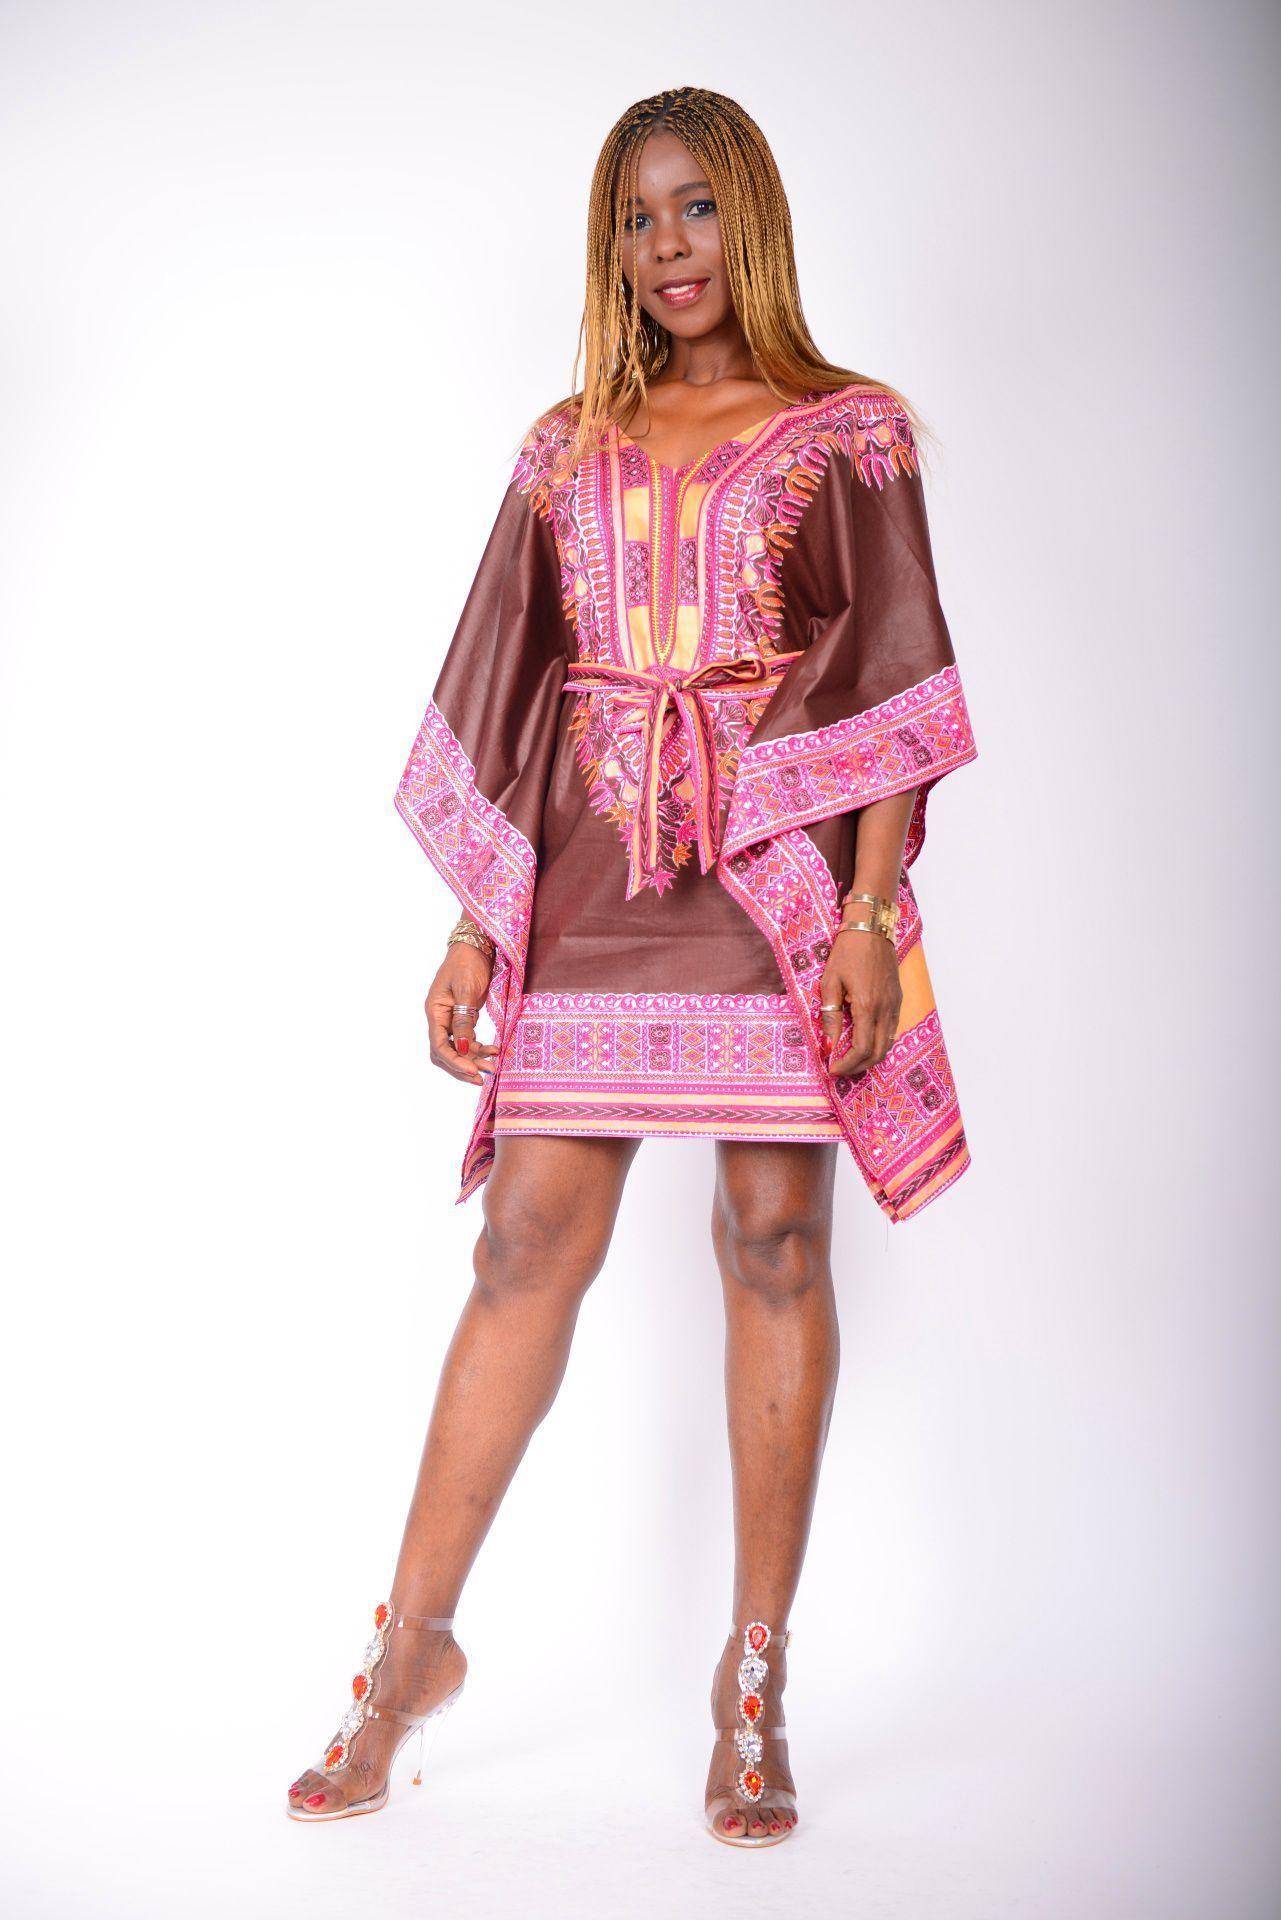 Afrikanisches Kleid Dashiki Rose #afrikanischeskleid Afrikanisches Kleid Dashiki Rose #afrikanischeskleid Afrikanisches Kleid Dashiki Rose #afrikanischeskleid Afrikanisches Kleid Dashiki Rose #afrikanischeskleid Afrikanisches Kleid Dashiki Rose #afrikanischeskleid Afrikanisches Kleid Dashiki Rose #afrikanischeskleid Afrikanisches Kleid Dashiki Rose #afrikanischeskleid Afrikanisches Kleid Dashiki Rose #afrikanischeskleid